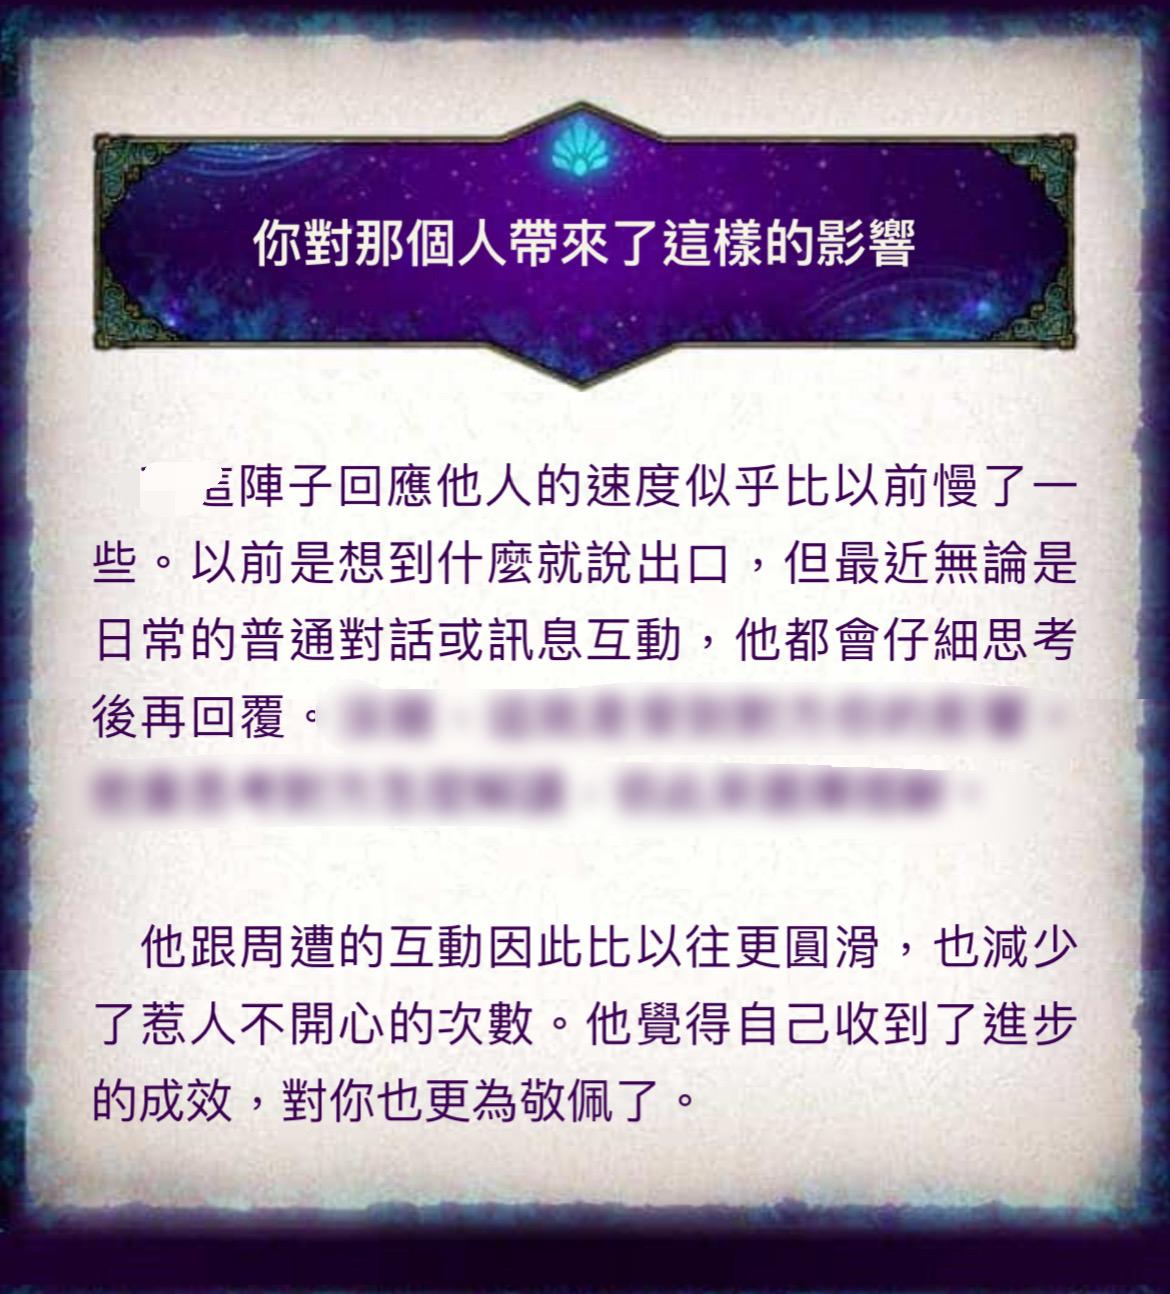 https://imgs.click108.com.tw/pub/pml/jpfate/J0869/banner/1170x1294_01.jpeg